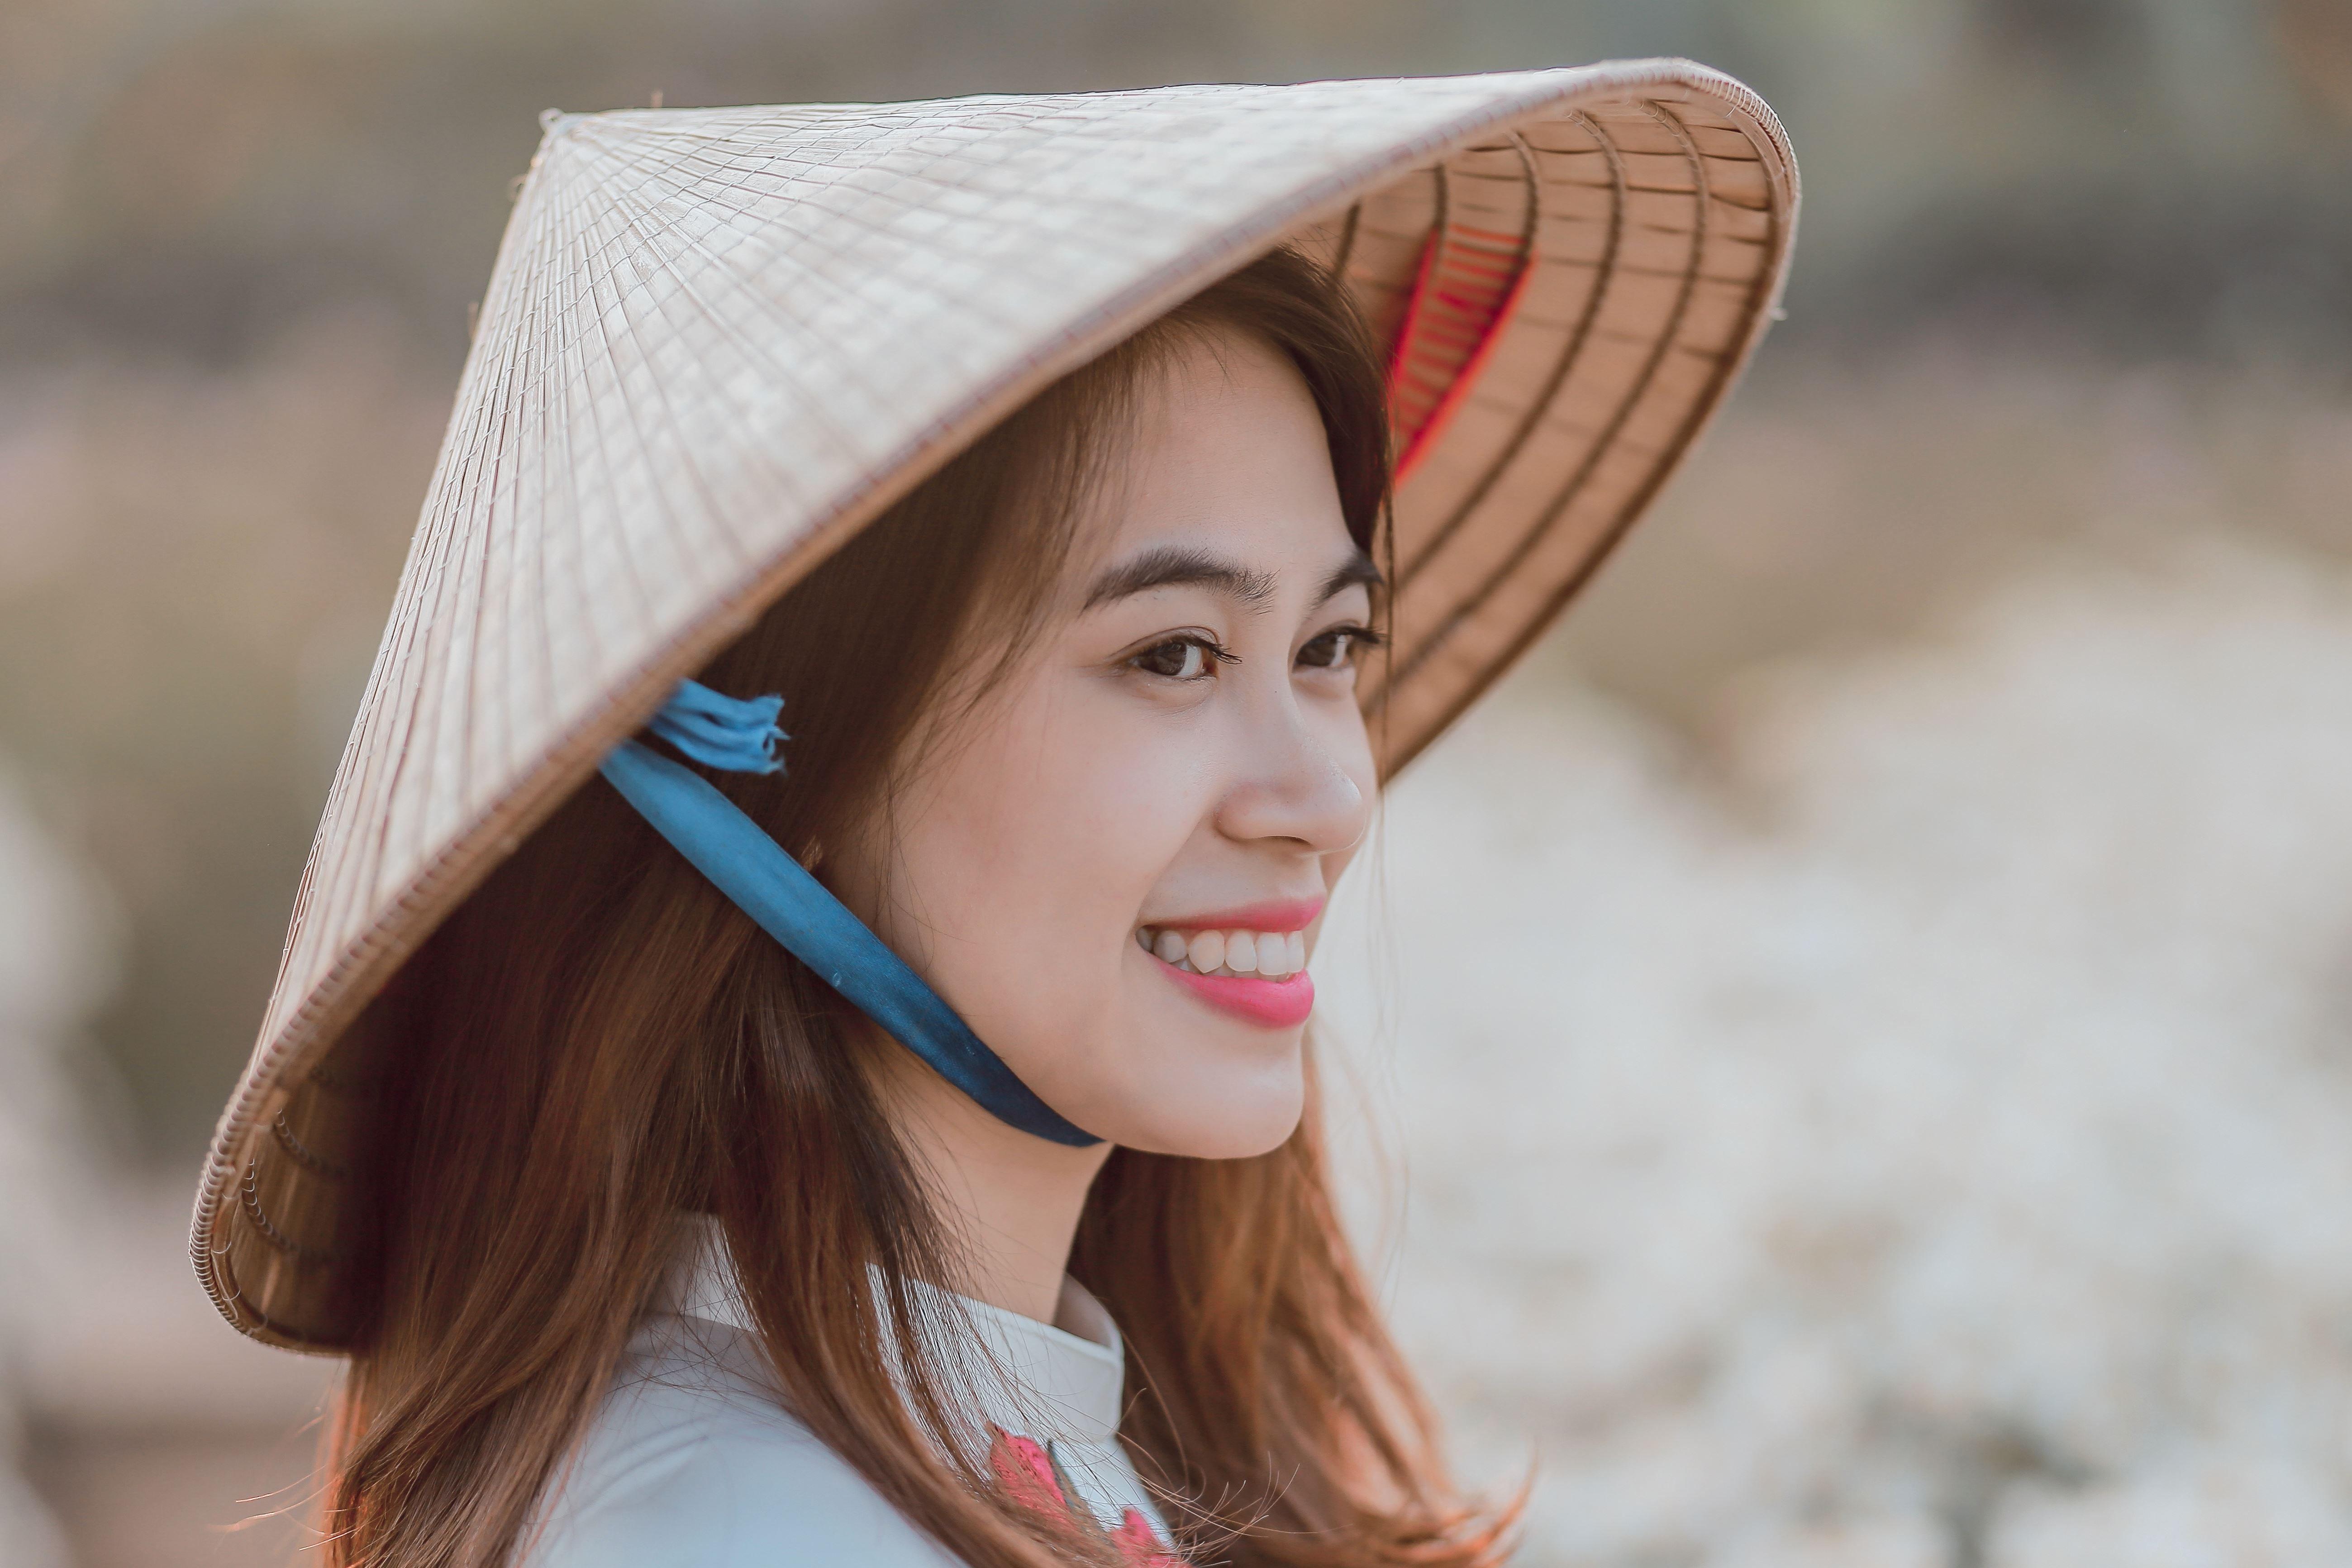 Kostenlose Bild Portrt Gesicht Vietnam Frau Mdchen